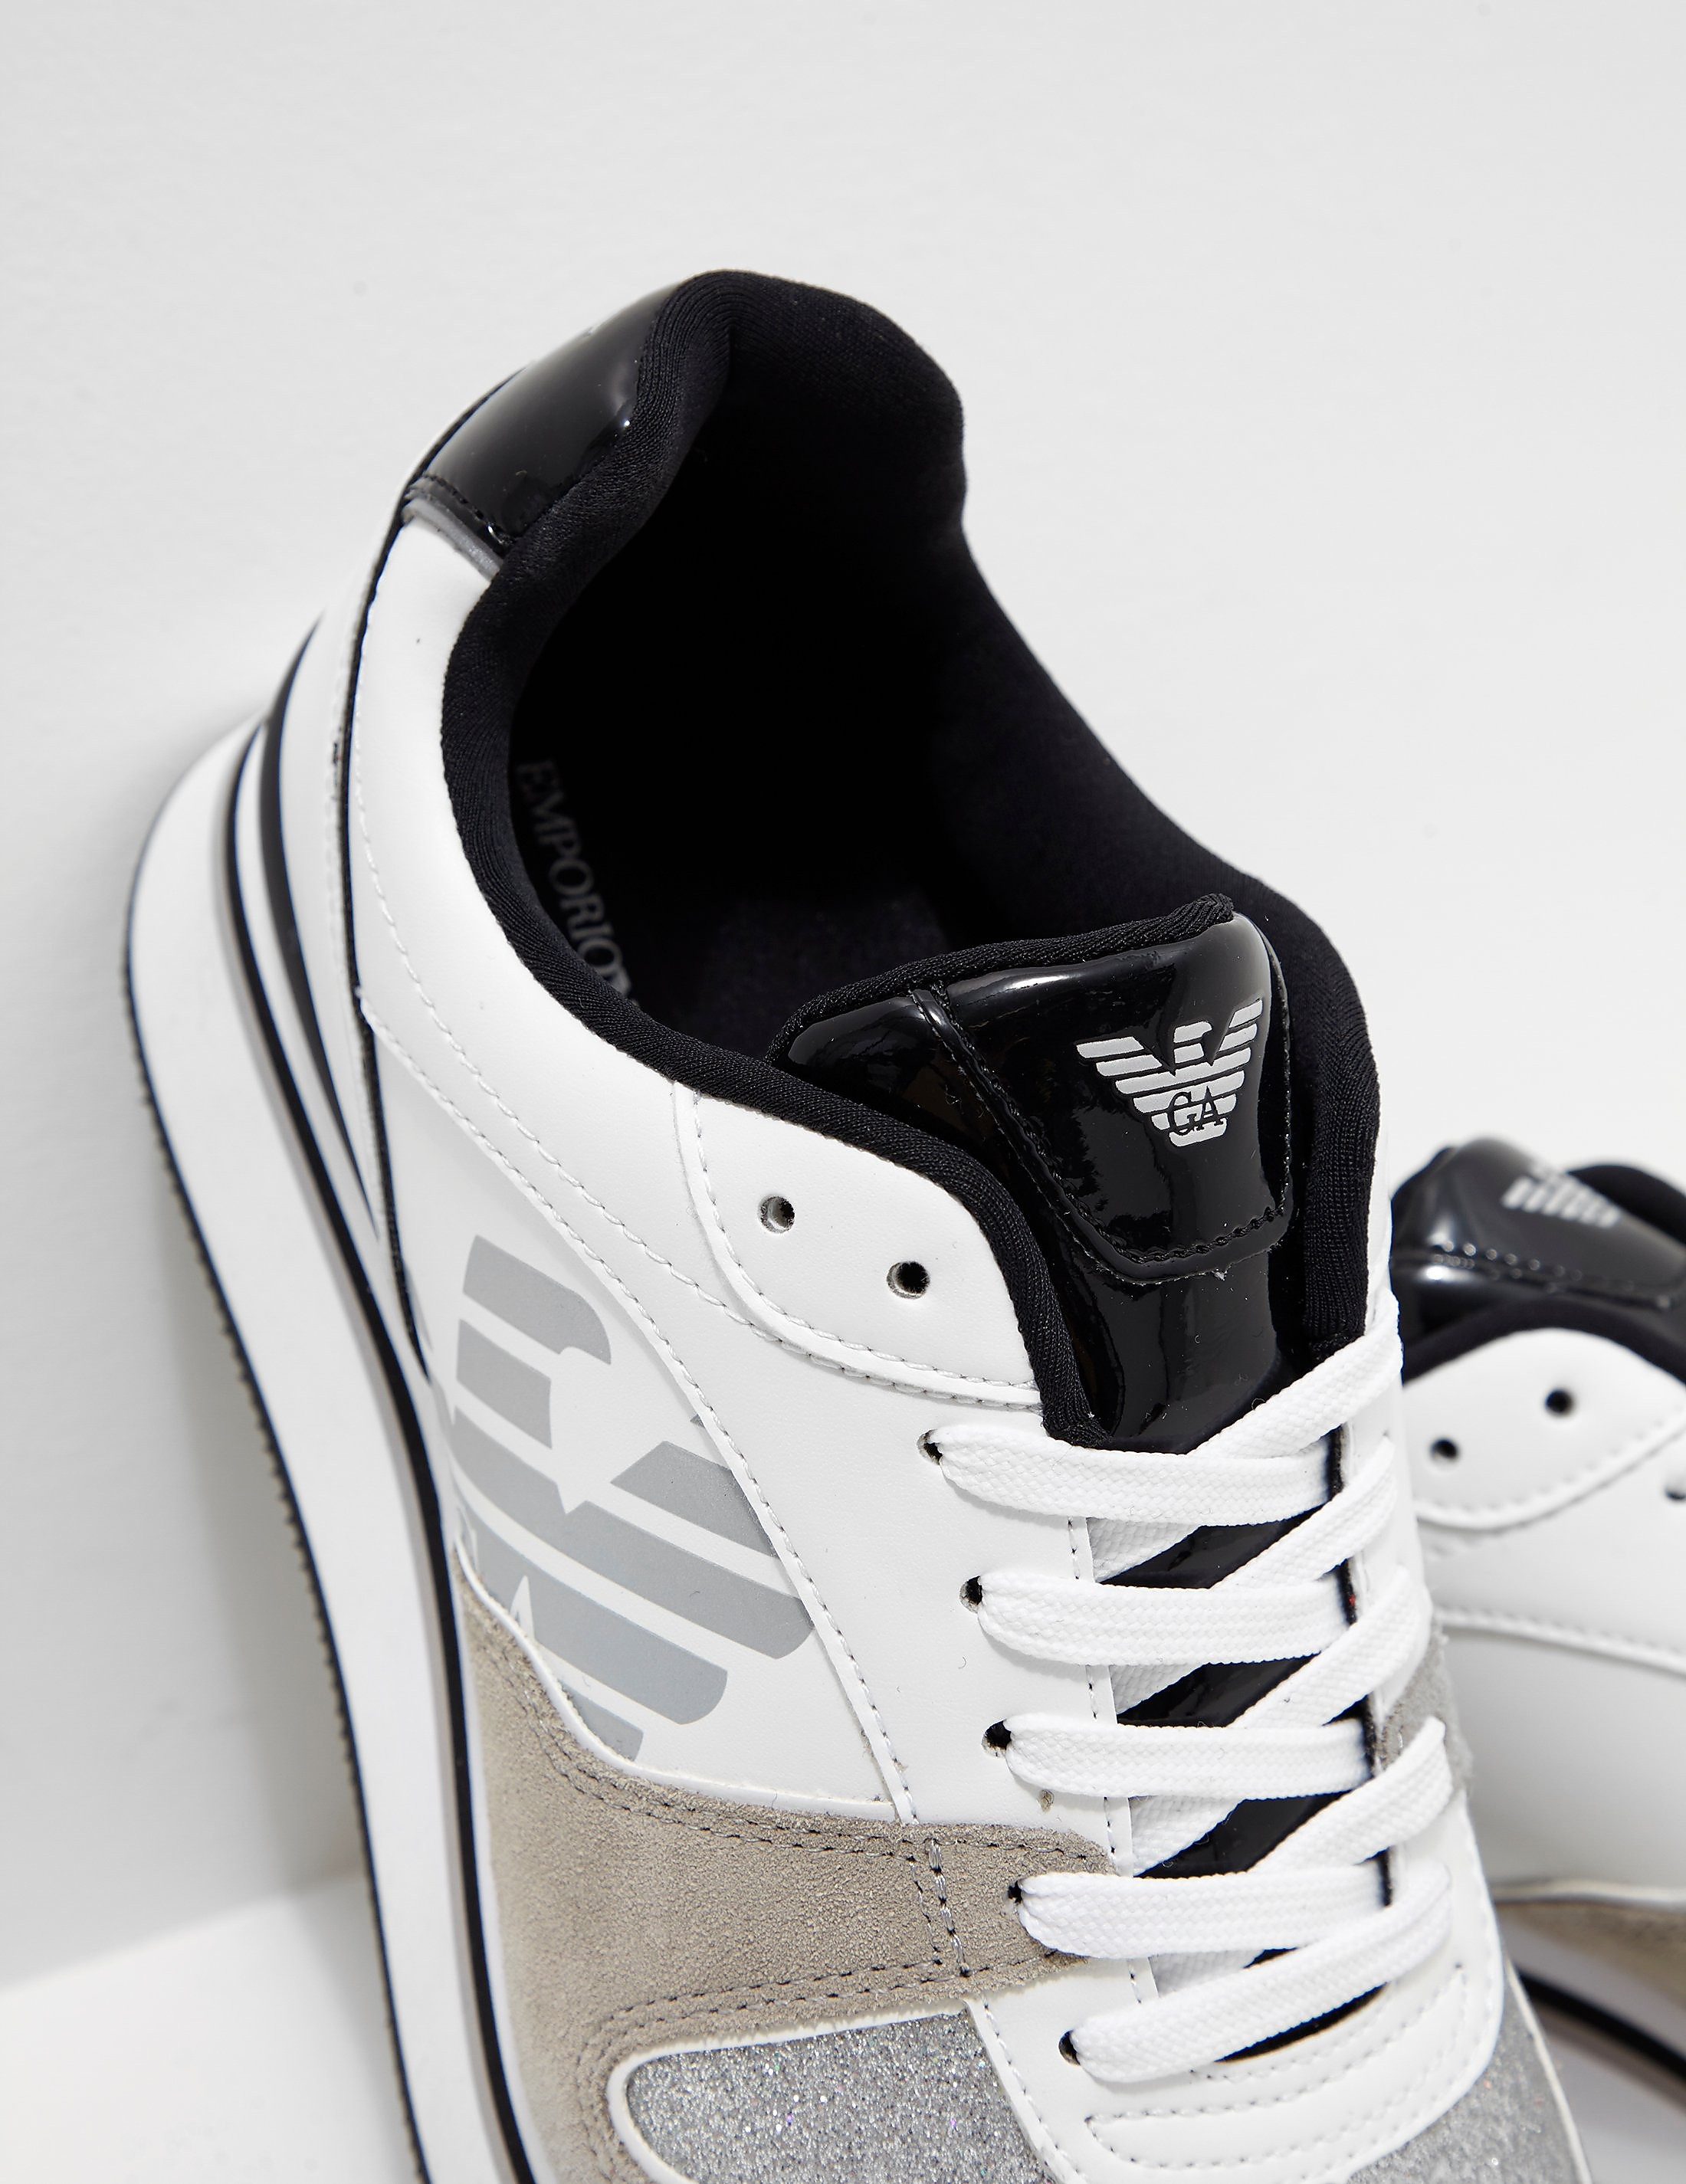 Emporio Armani Christina Sneakers